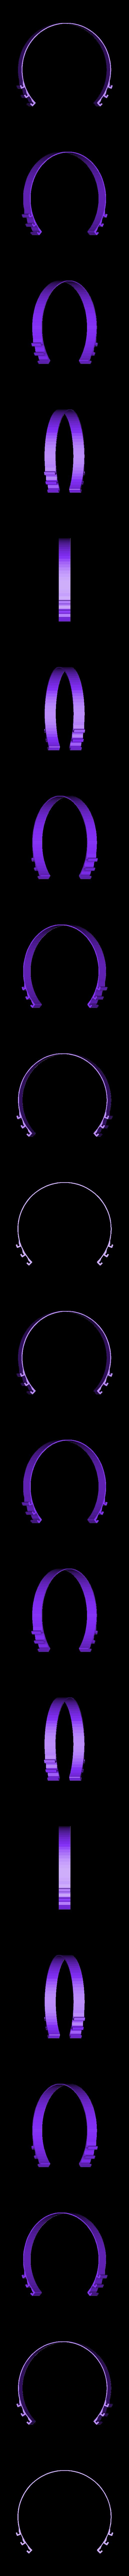 DIADEMA SUJECCIÓN MASCARILLA GRANDE.stl Télécharger fichier STL gratuit Porte-masque simple et double courbe + Boucle d'oreille (pour sauver les oreilles) • Objet pour imprimante 3D, celtarra12